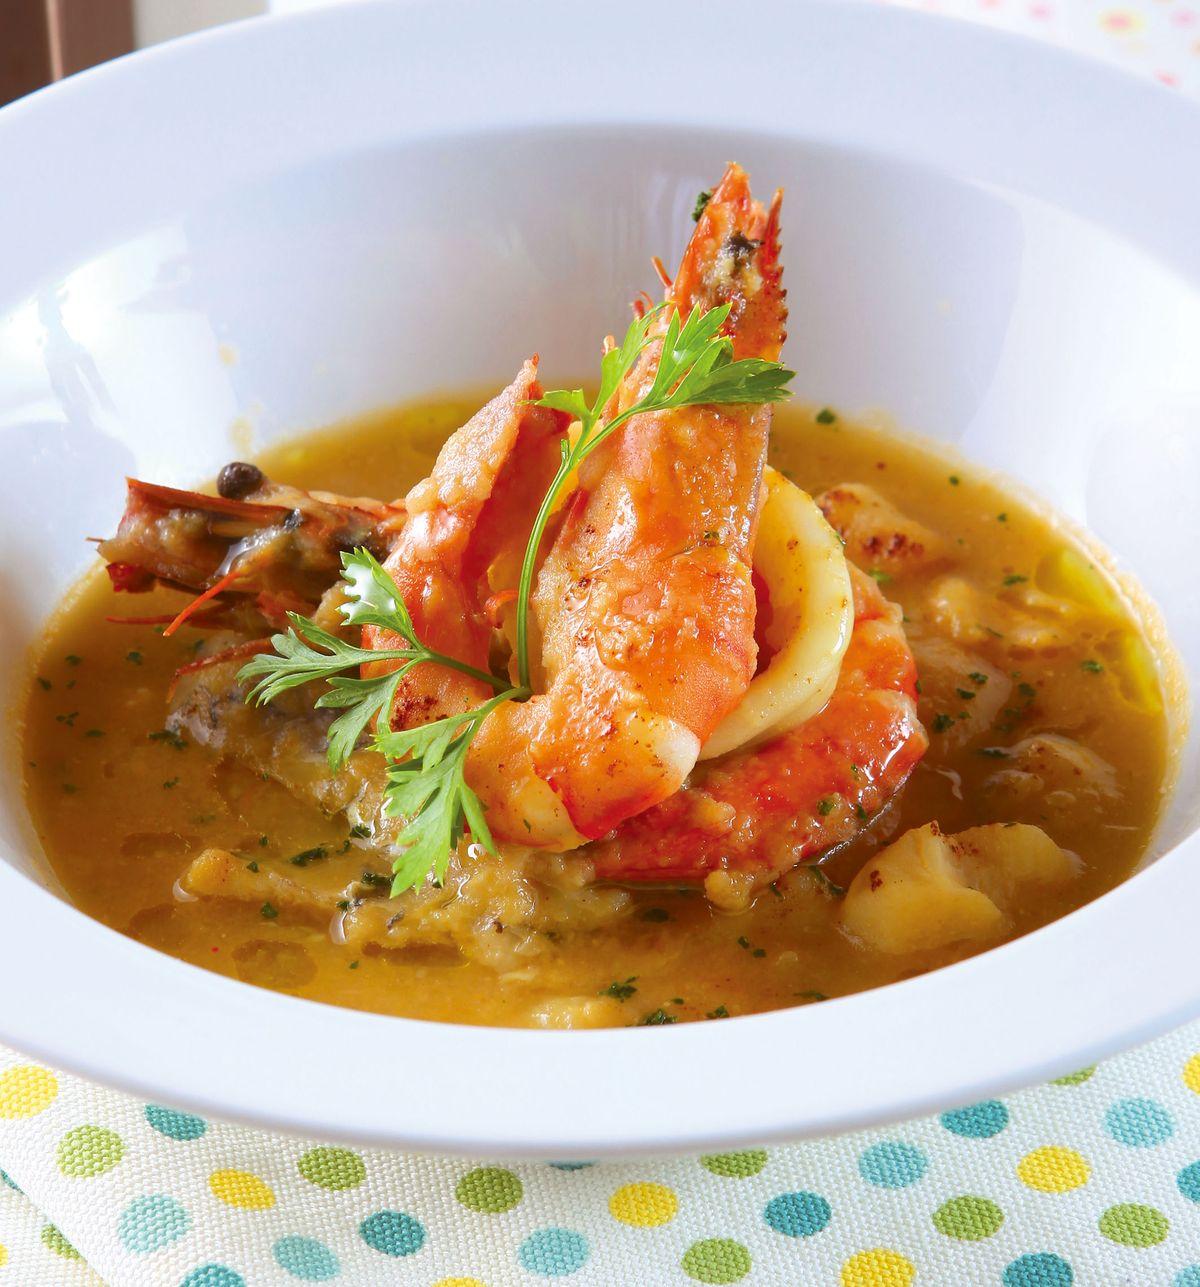 食譜:地中海漁夫湯